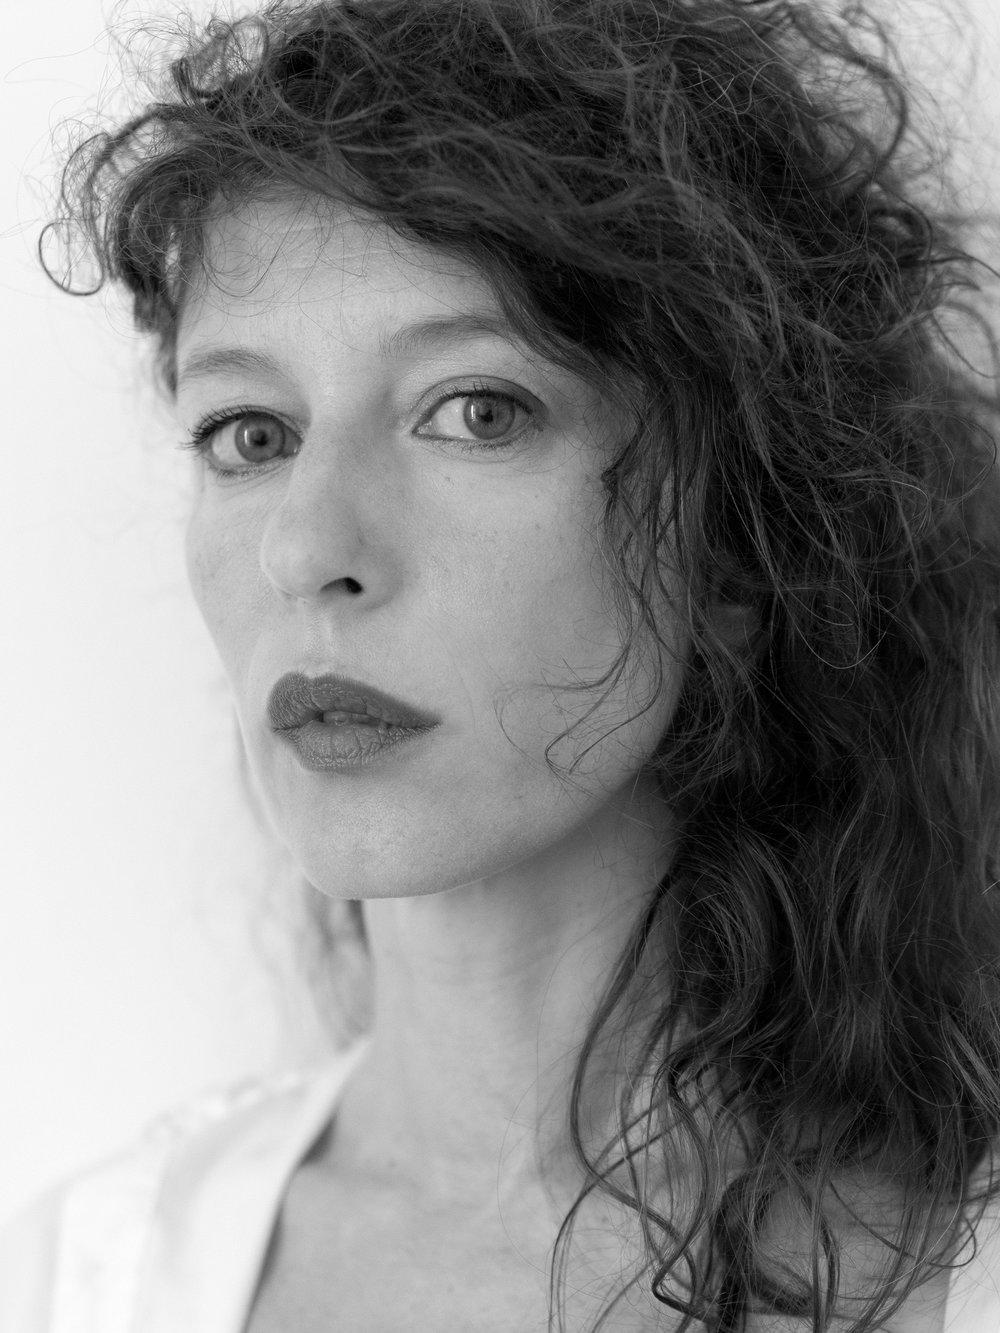 GTB_Amélie-Labourdette_Portrait_Courtesy-Galerie-Thierry-Bigaignon.jpg